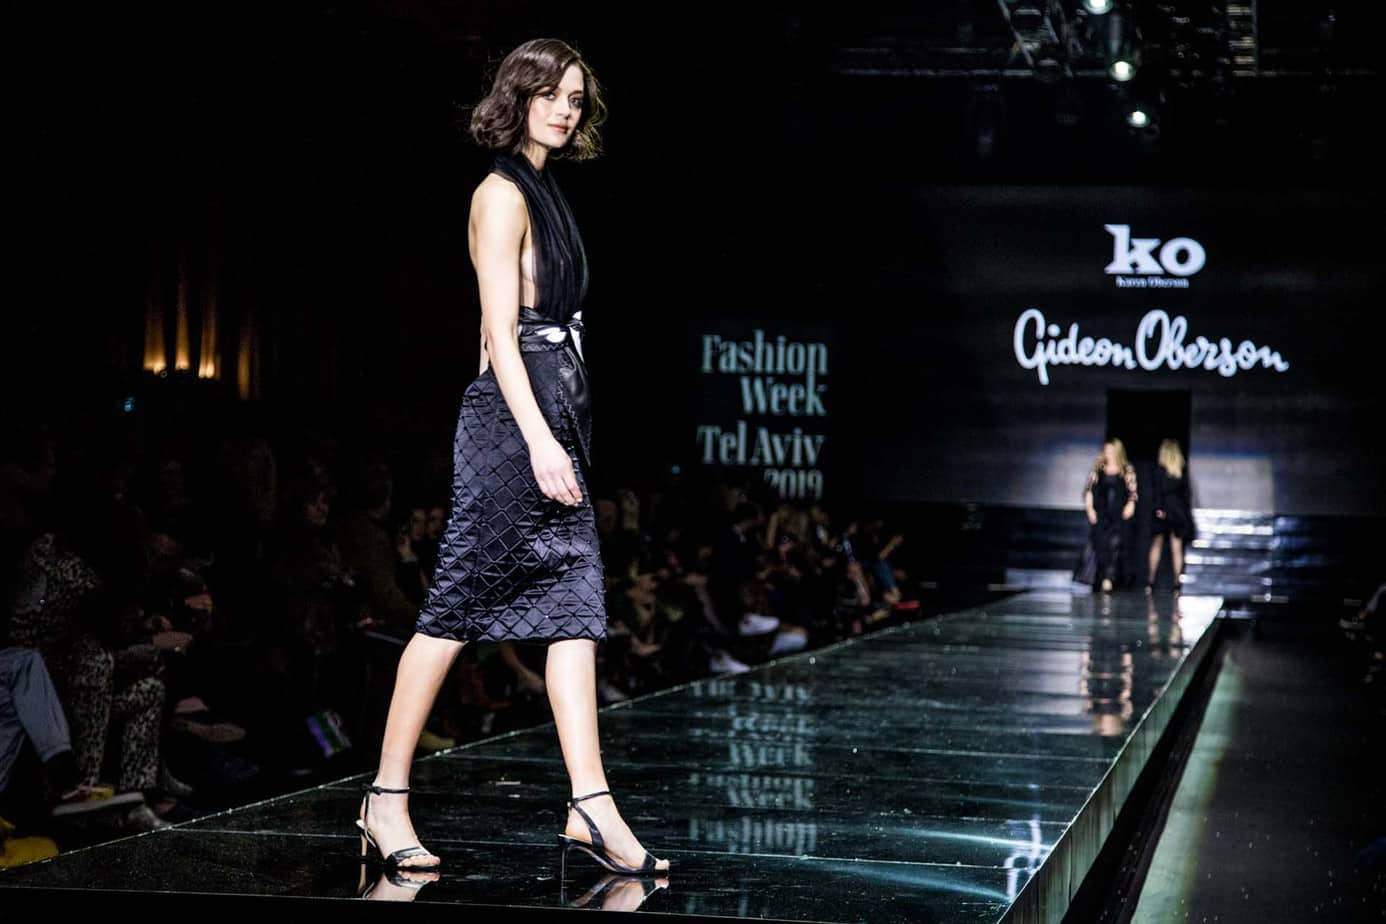 גדעון אוברזון. שבוע האופנה תל אביב 2019. צילום: אלכס פרגמנט325